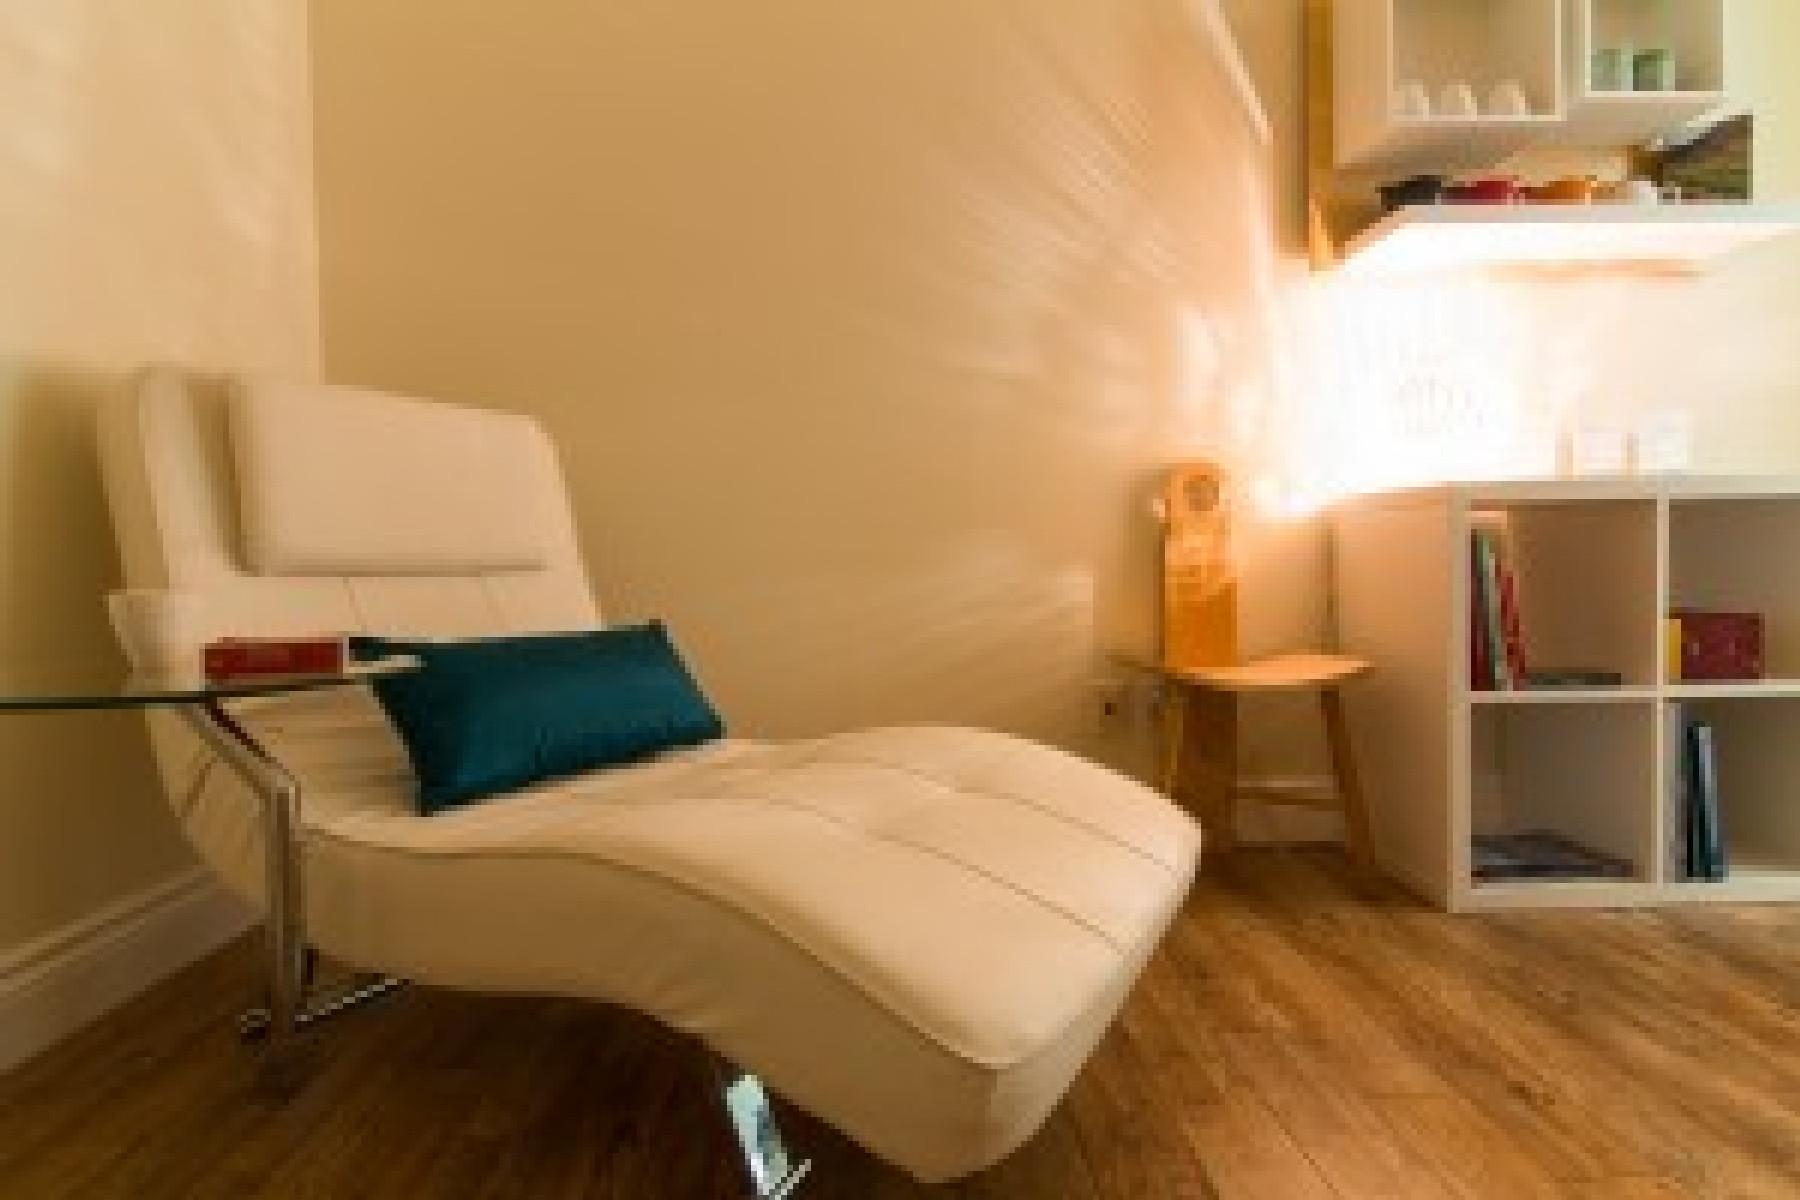 Salle de relaxation chez Zeste Détente.  Profitez de cette salle calme après votre massage pour vraiment prendre le temps.